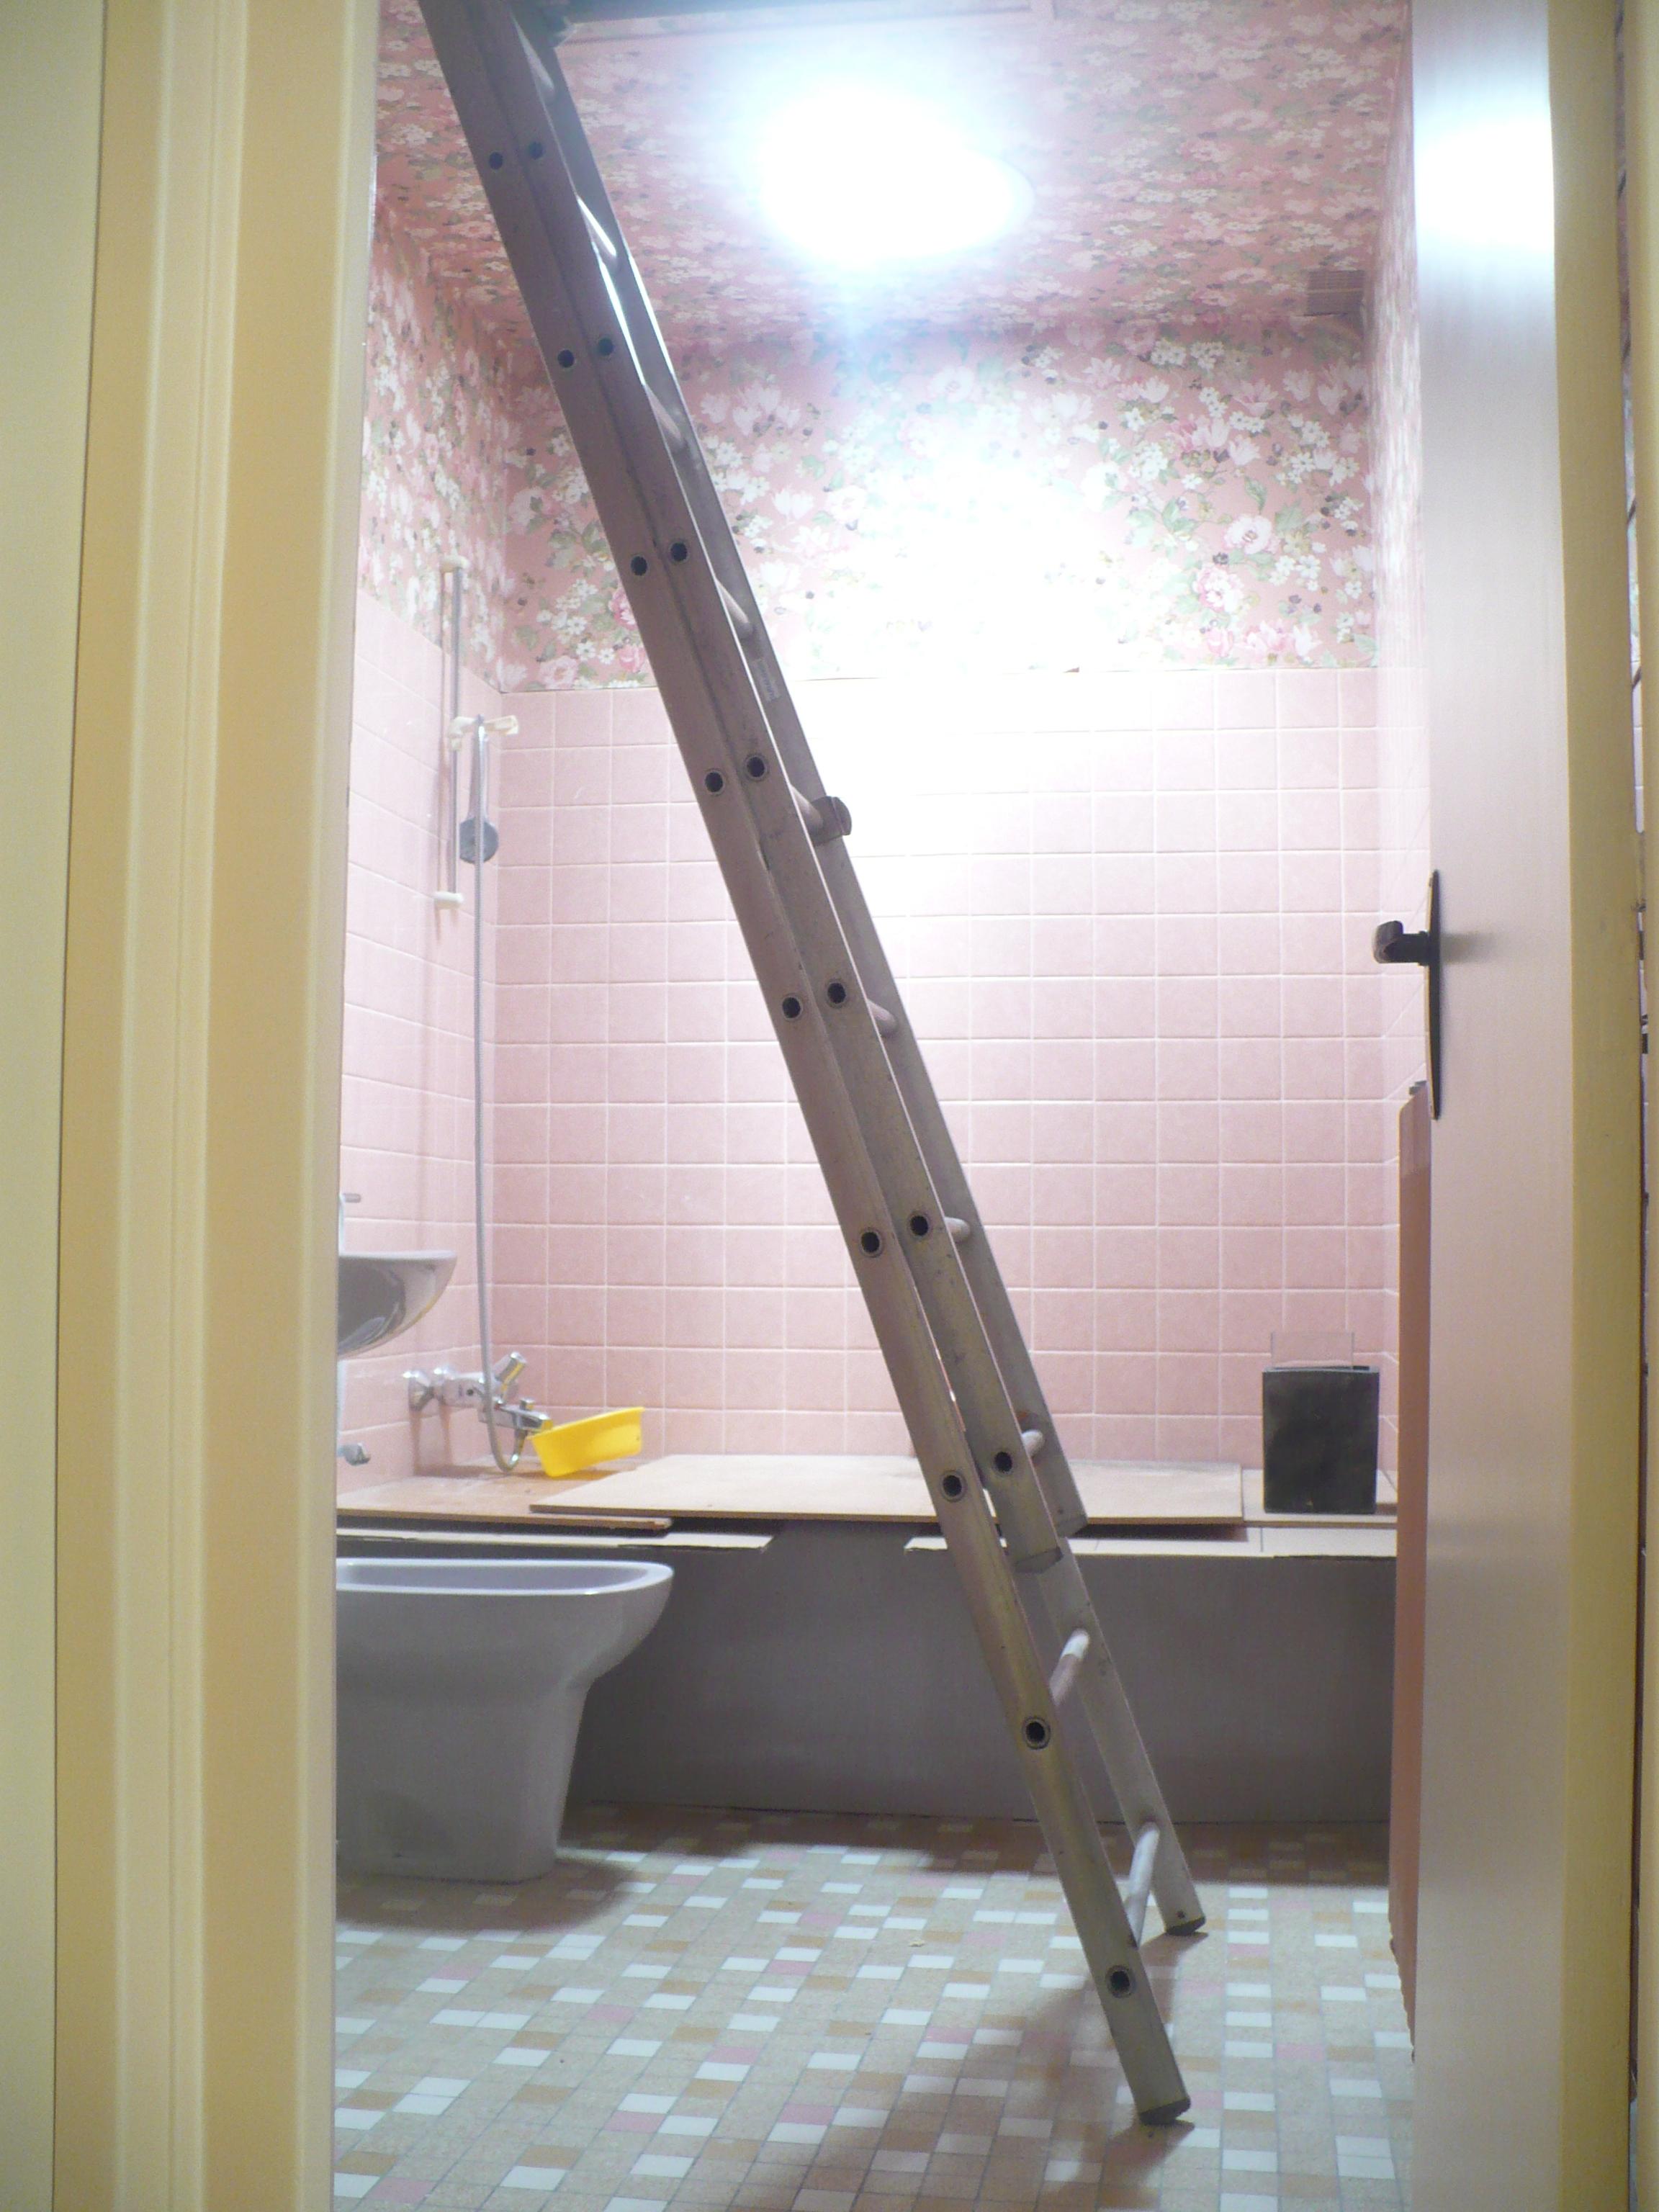 Velux Ggu Salle De Bain ~ velux salle de bain 38146 salle de bain id es store de salle de